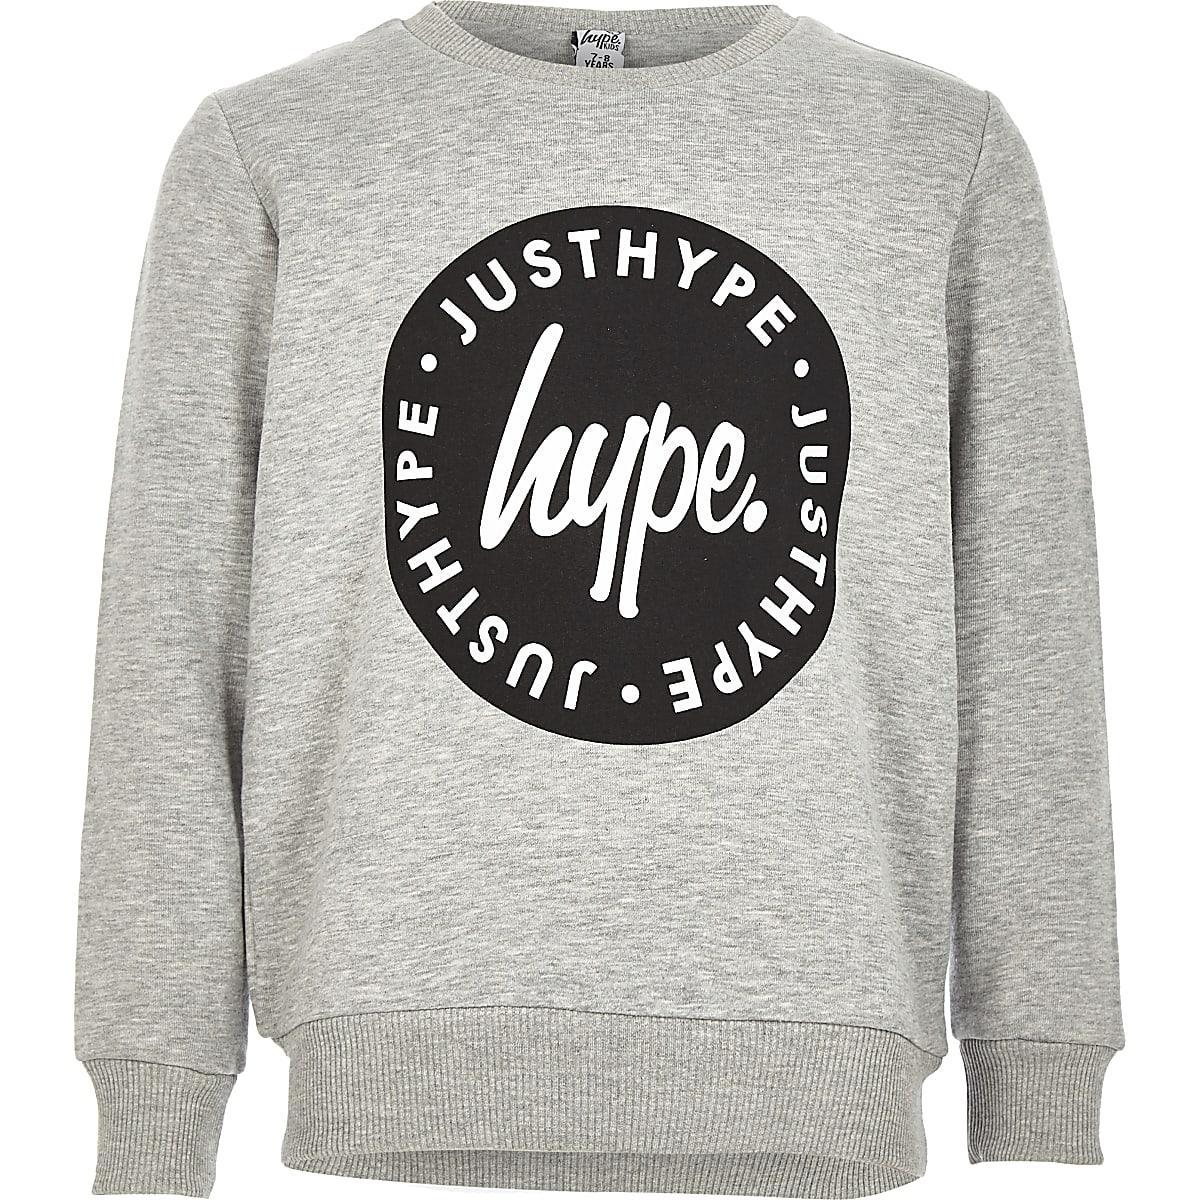 Hype - Grijs sweatshirt met ronde hals voor jongens